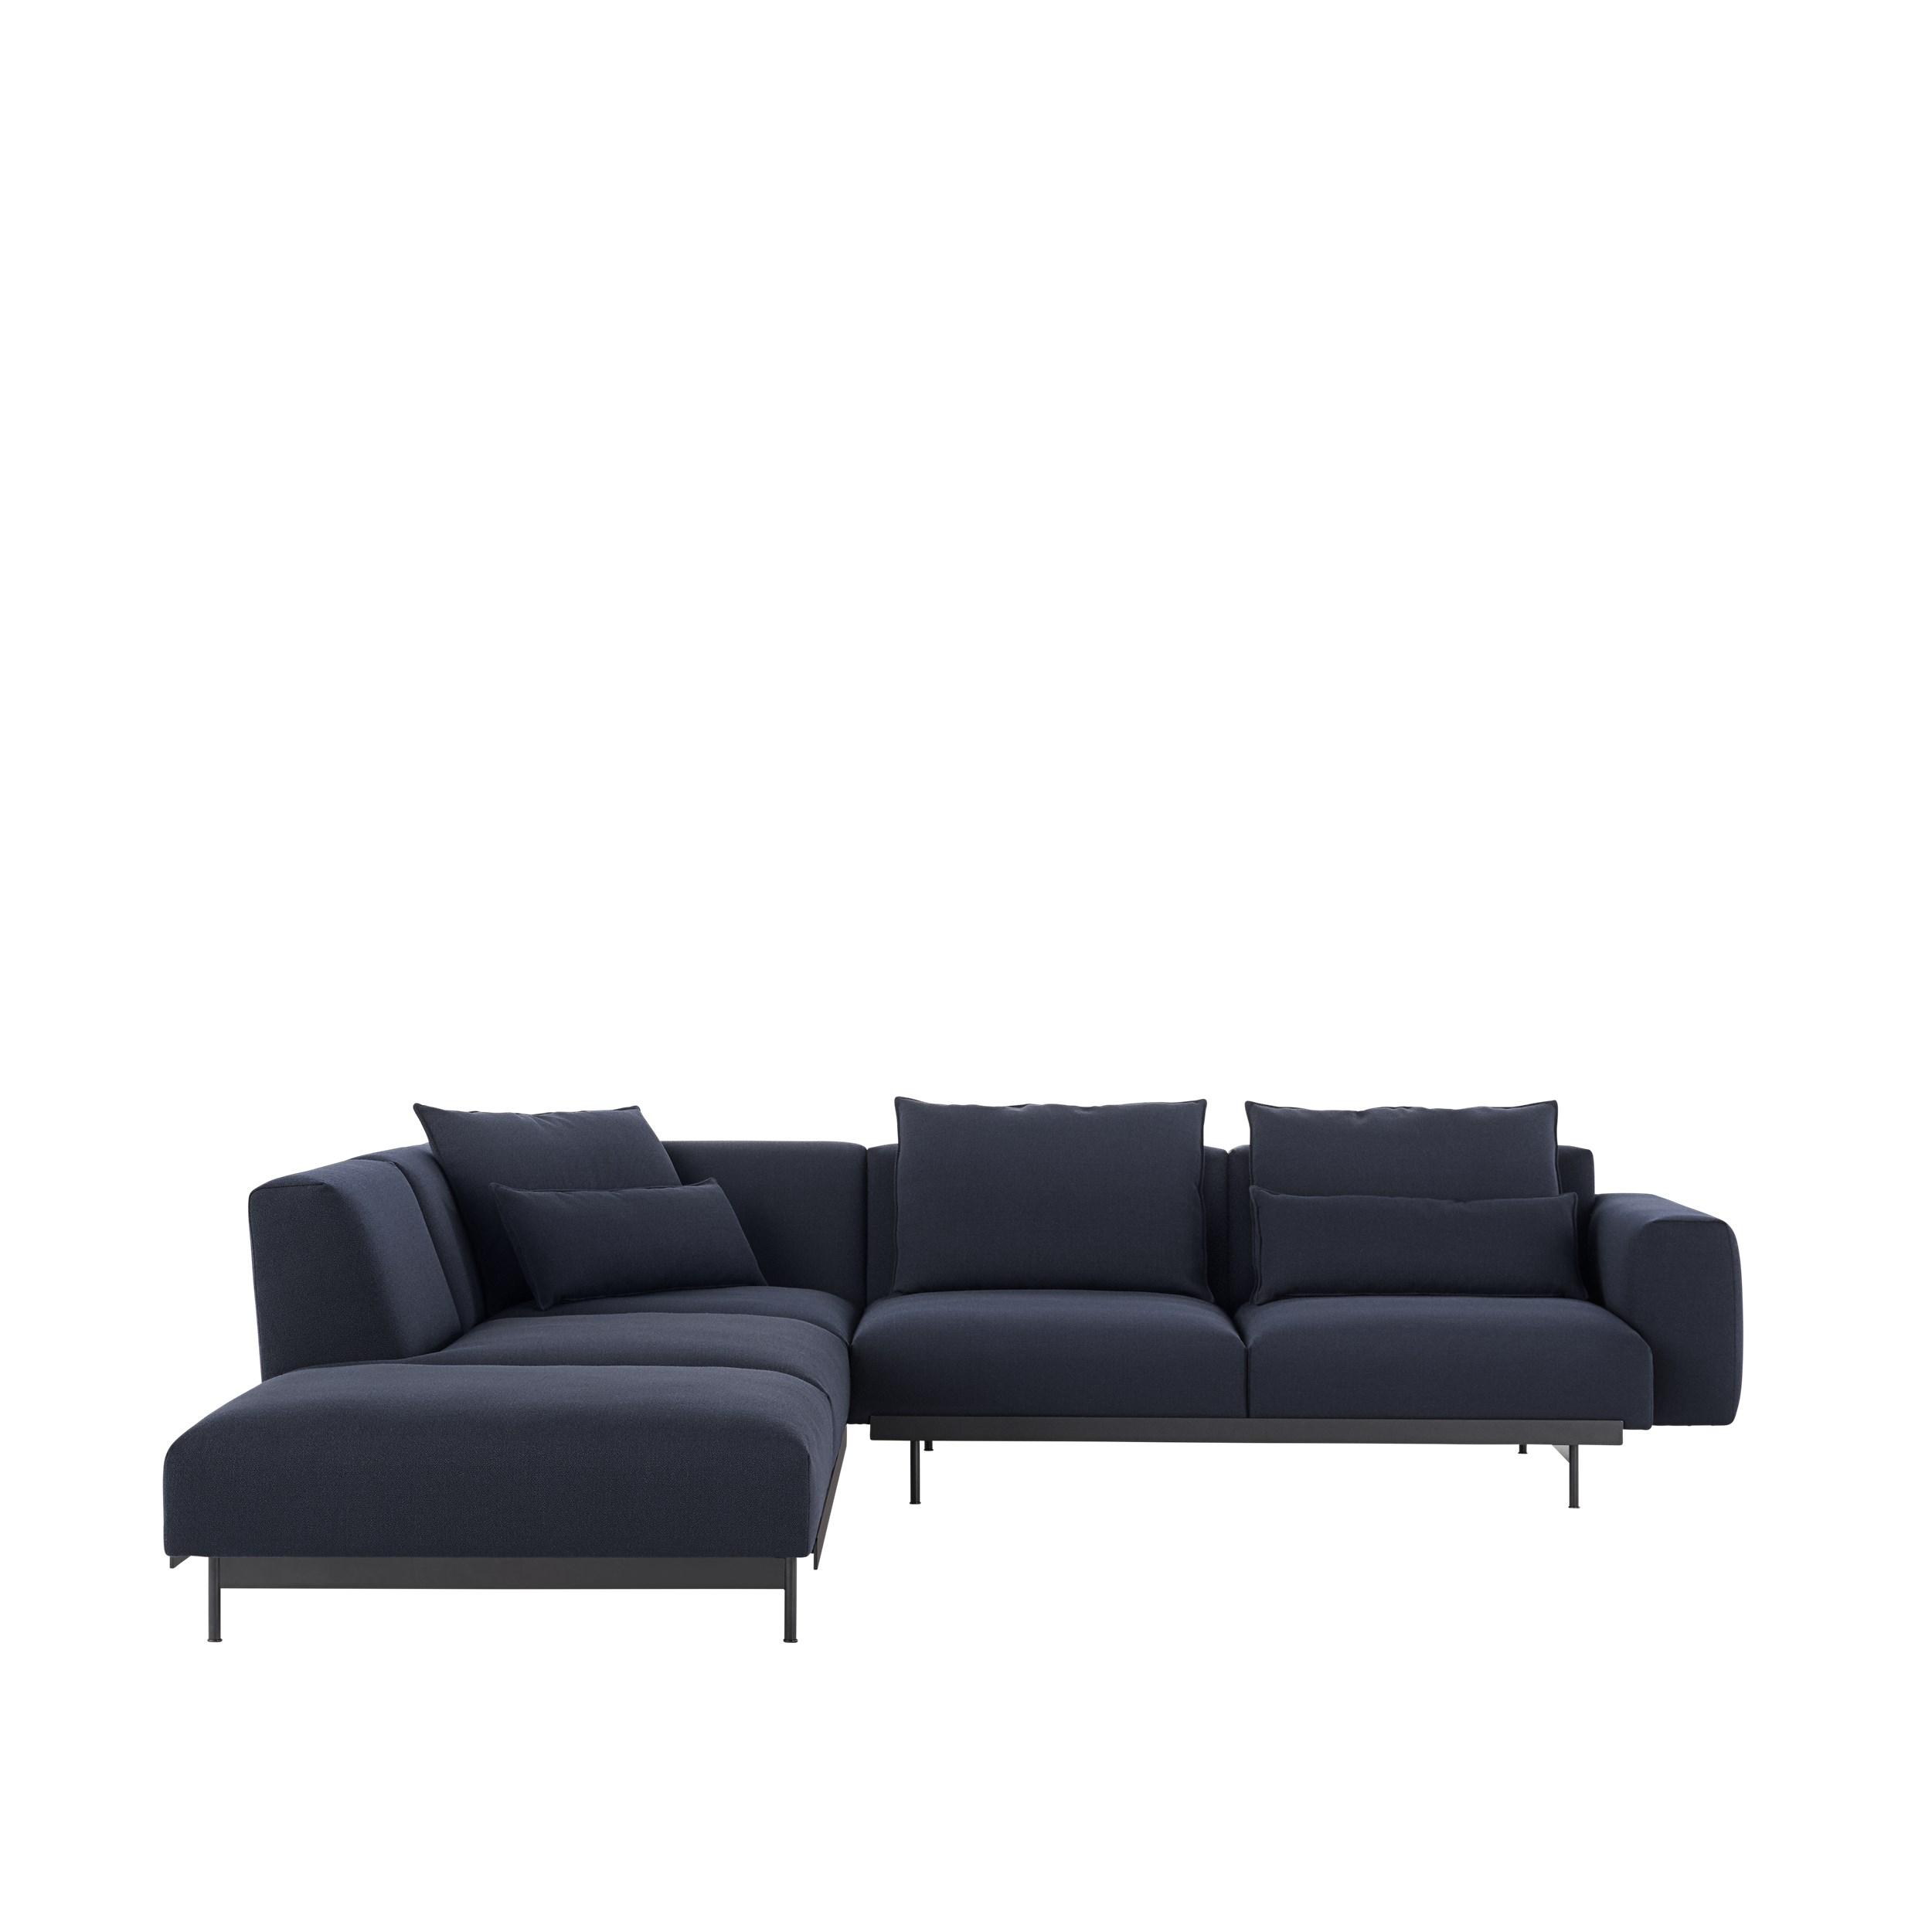 IN SitU Modular Corner Sofa-No 2